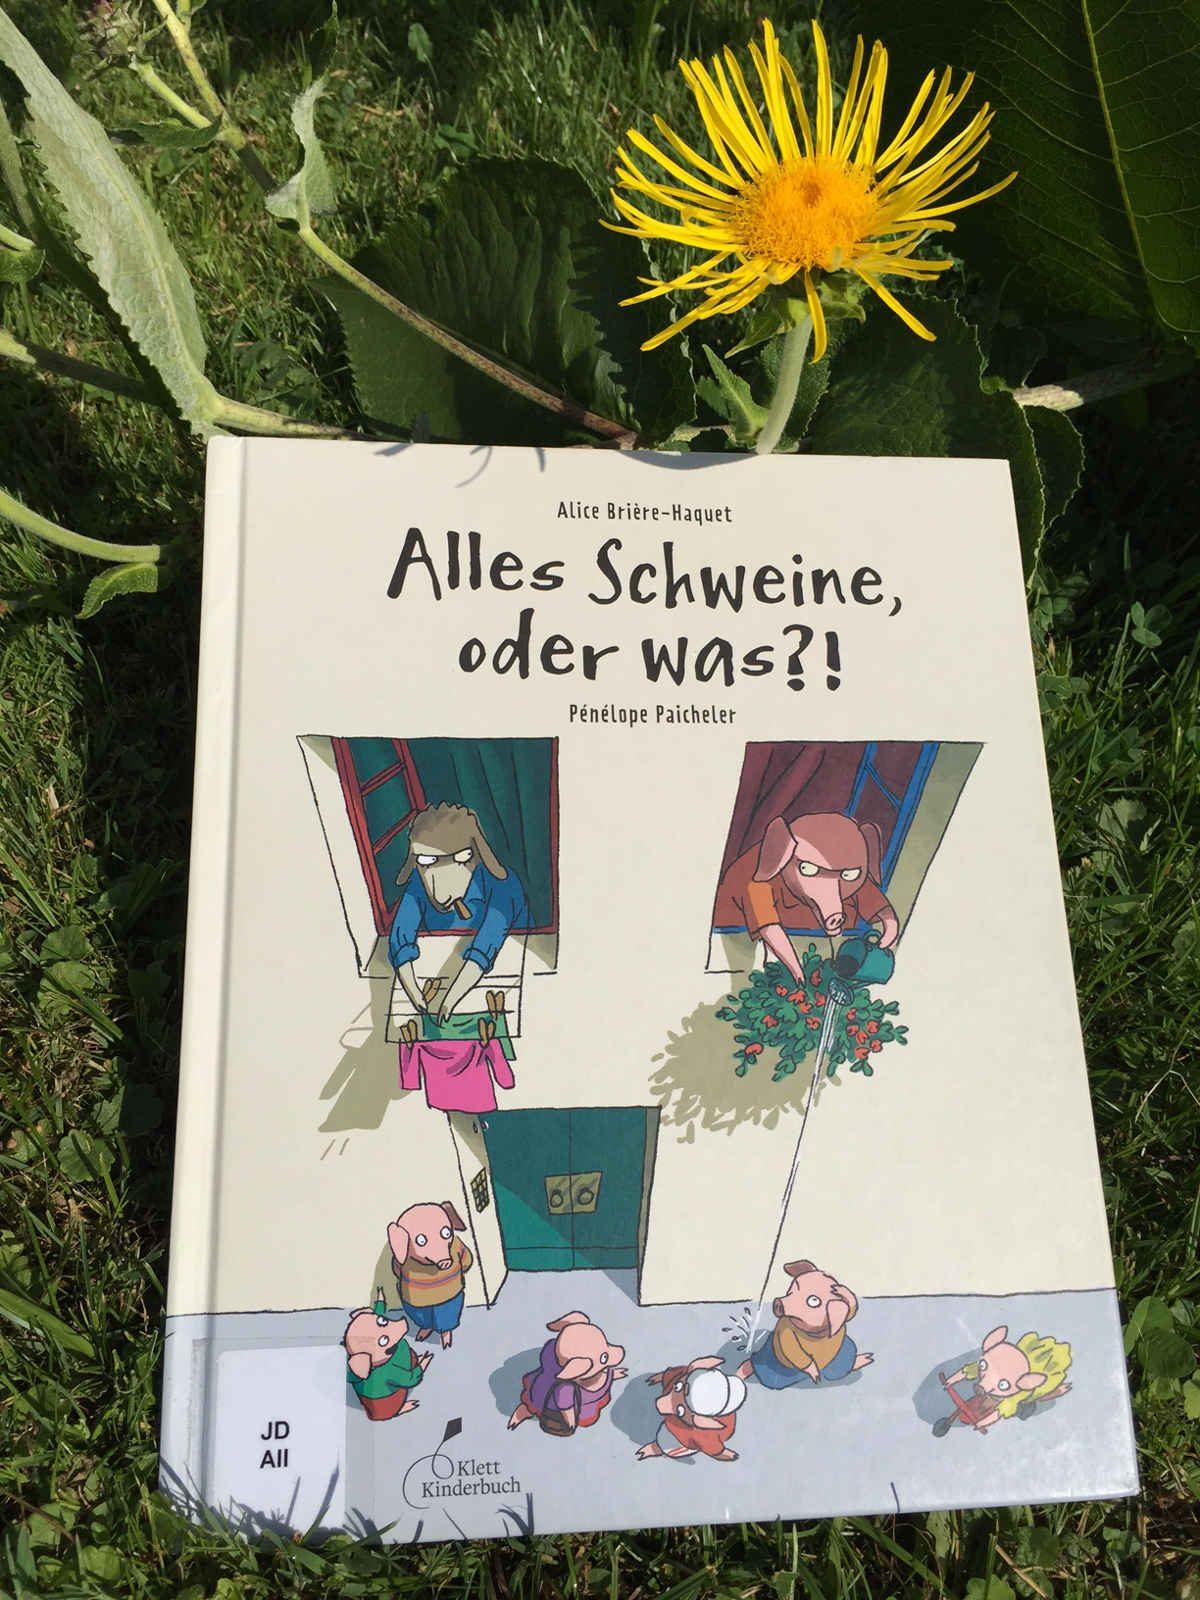 Alice Briere Haquet Penelope Paicheler Alles Schweine oder was Buchtipp Buchempfehlung Kinderbuchblog Brigitte Wallinger